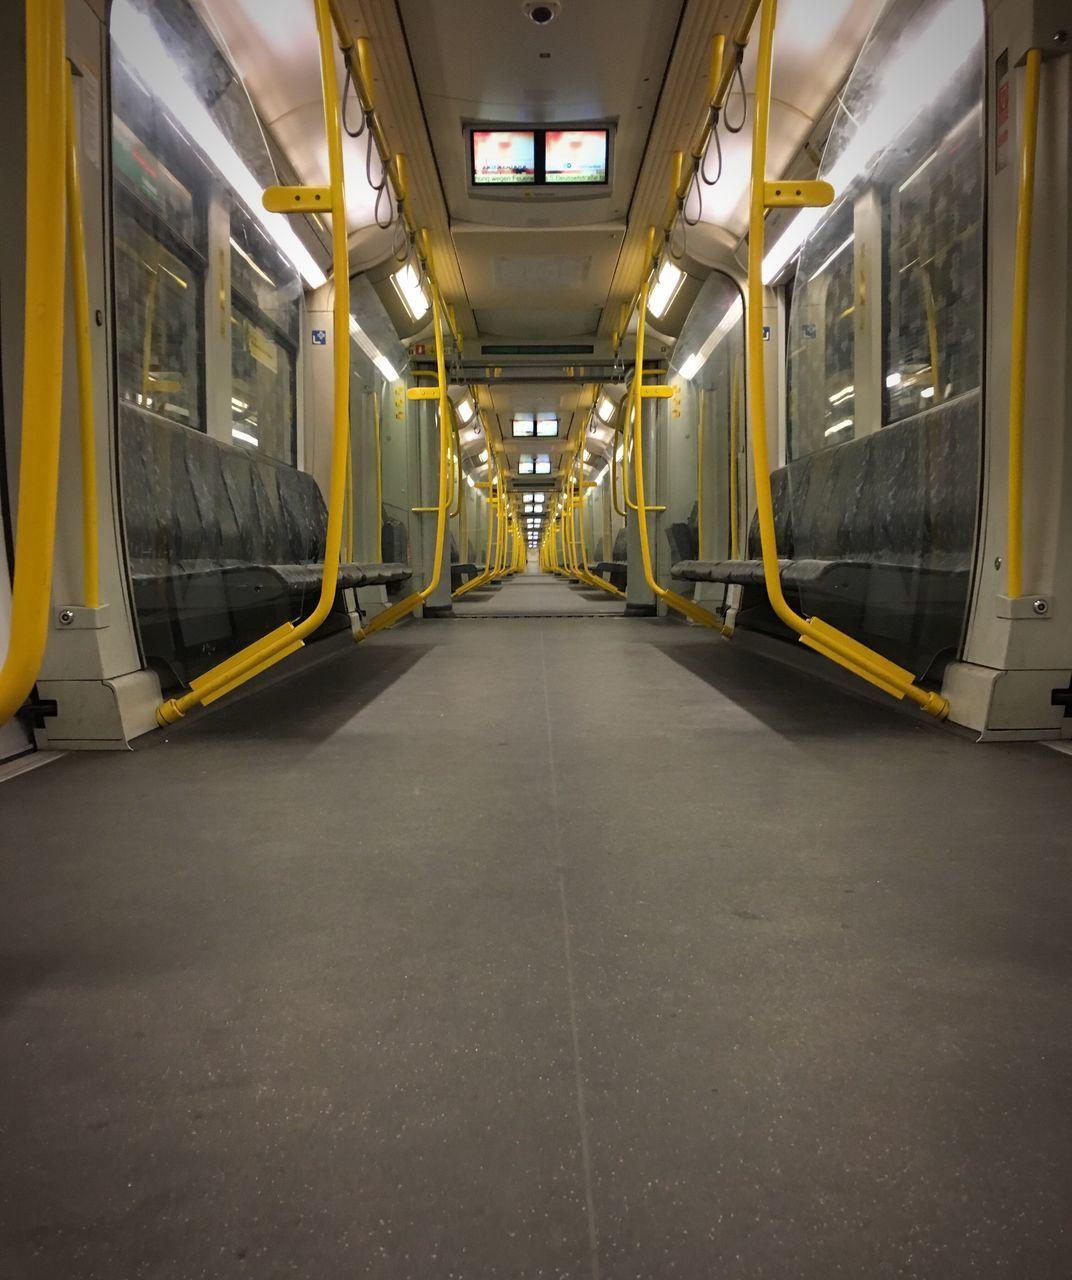 illuminated, transportation, vehicle seat, public transportation, train - vehicle, no people, indoors, day